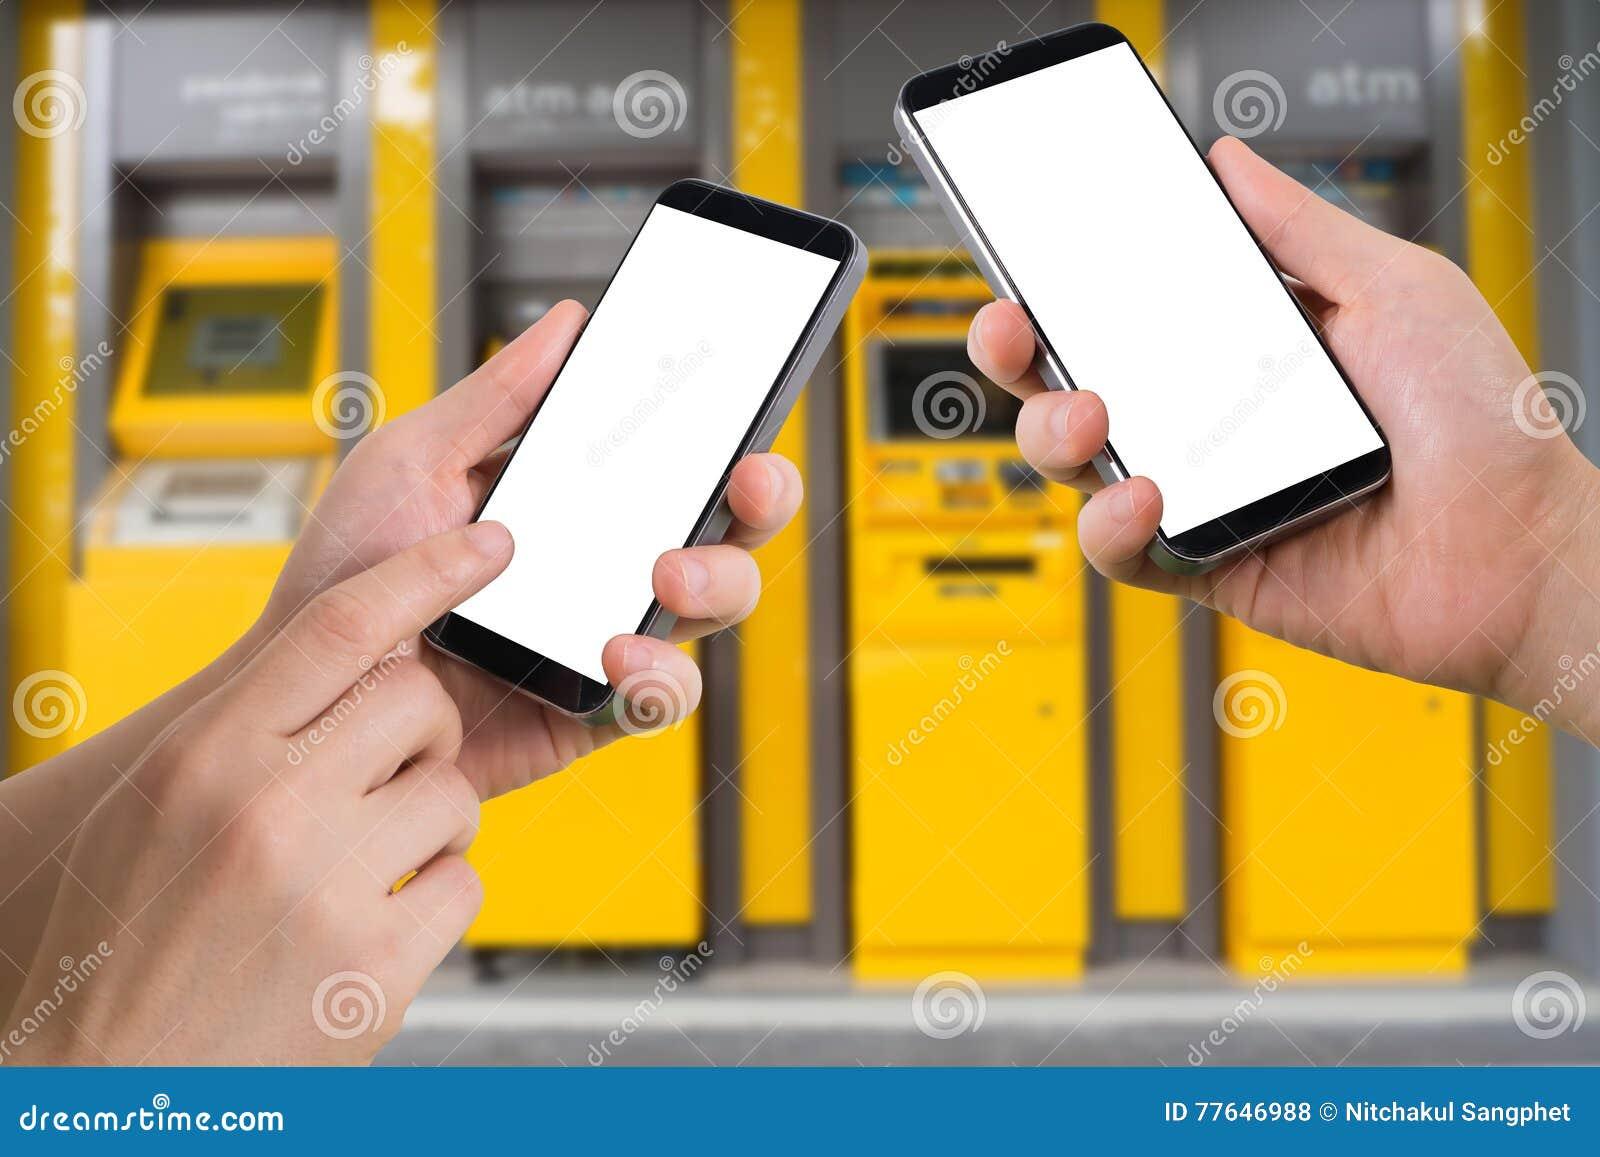 Posse da mão e smartphone humanos do toque, tabuleta, telefone celular com tela vazia, Internet banking virtual no backg obscuro